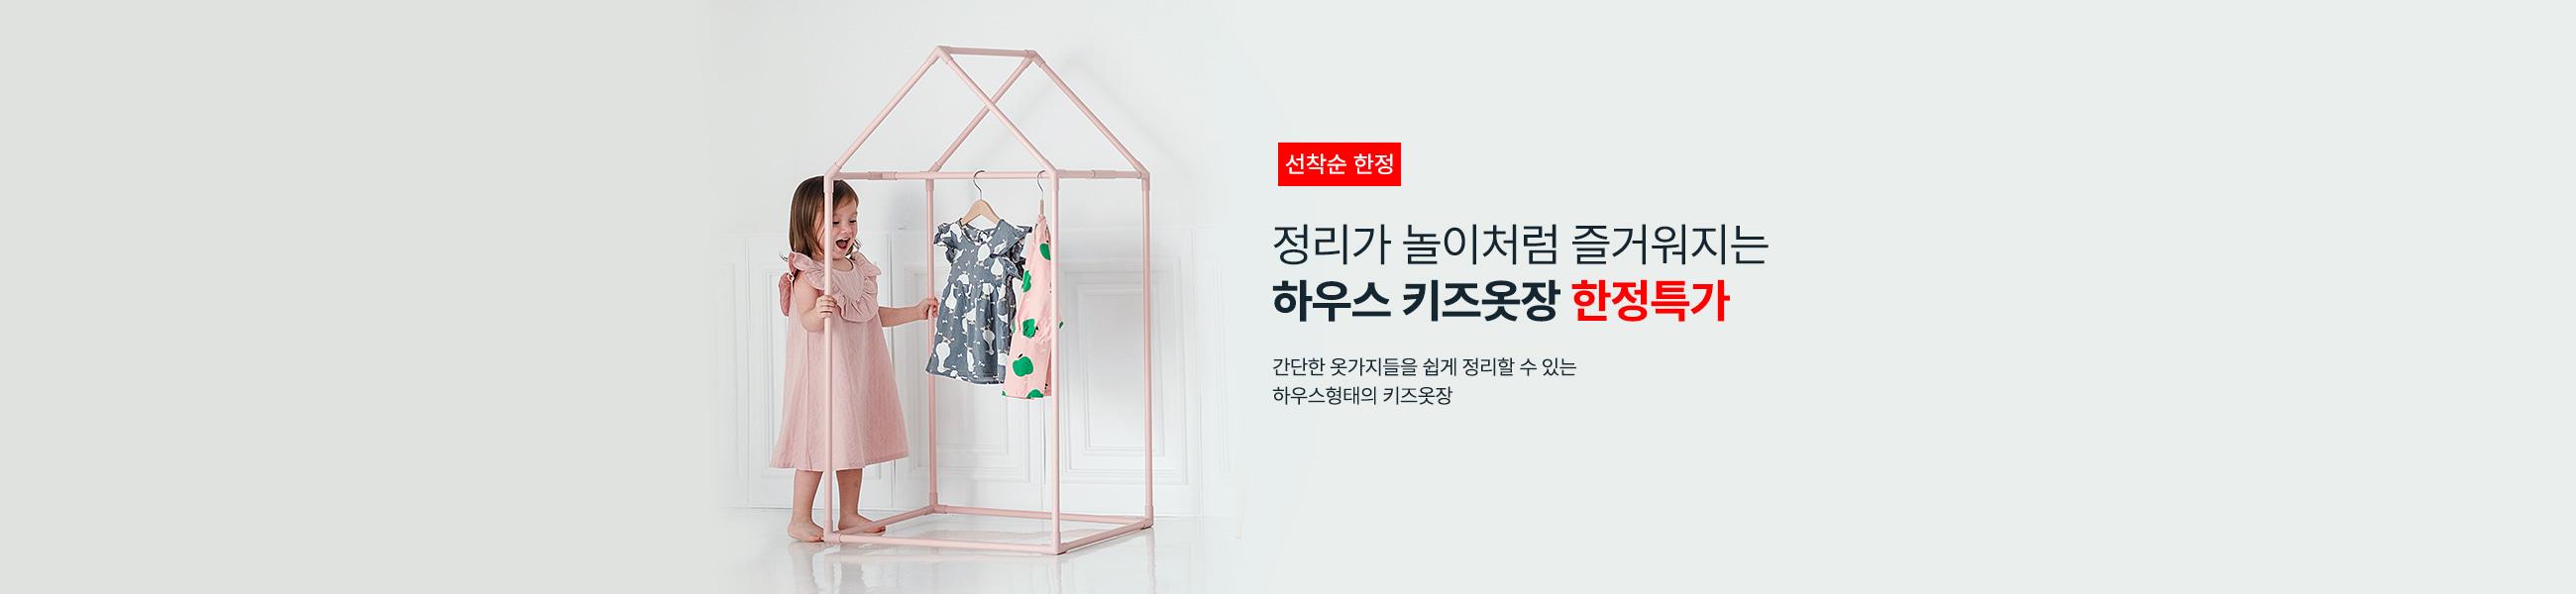 키즈옷장 1만세트 판매기념